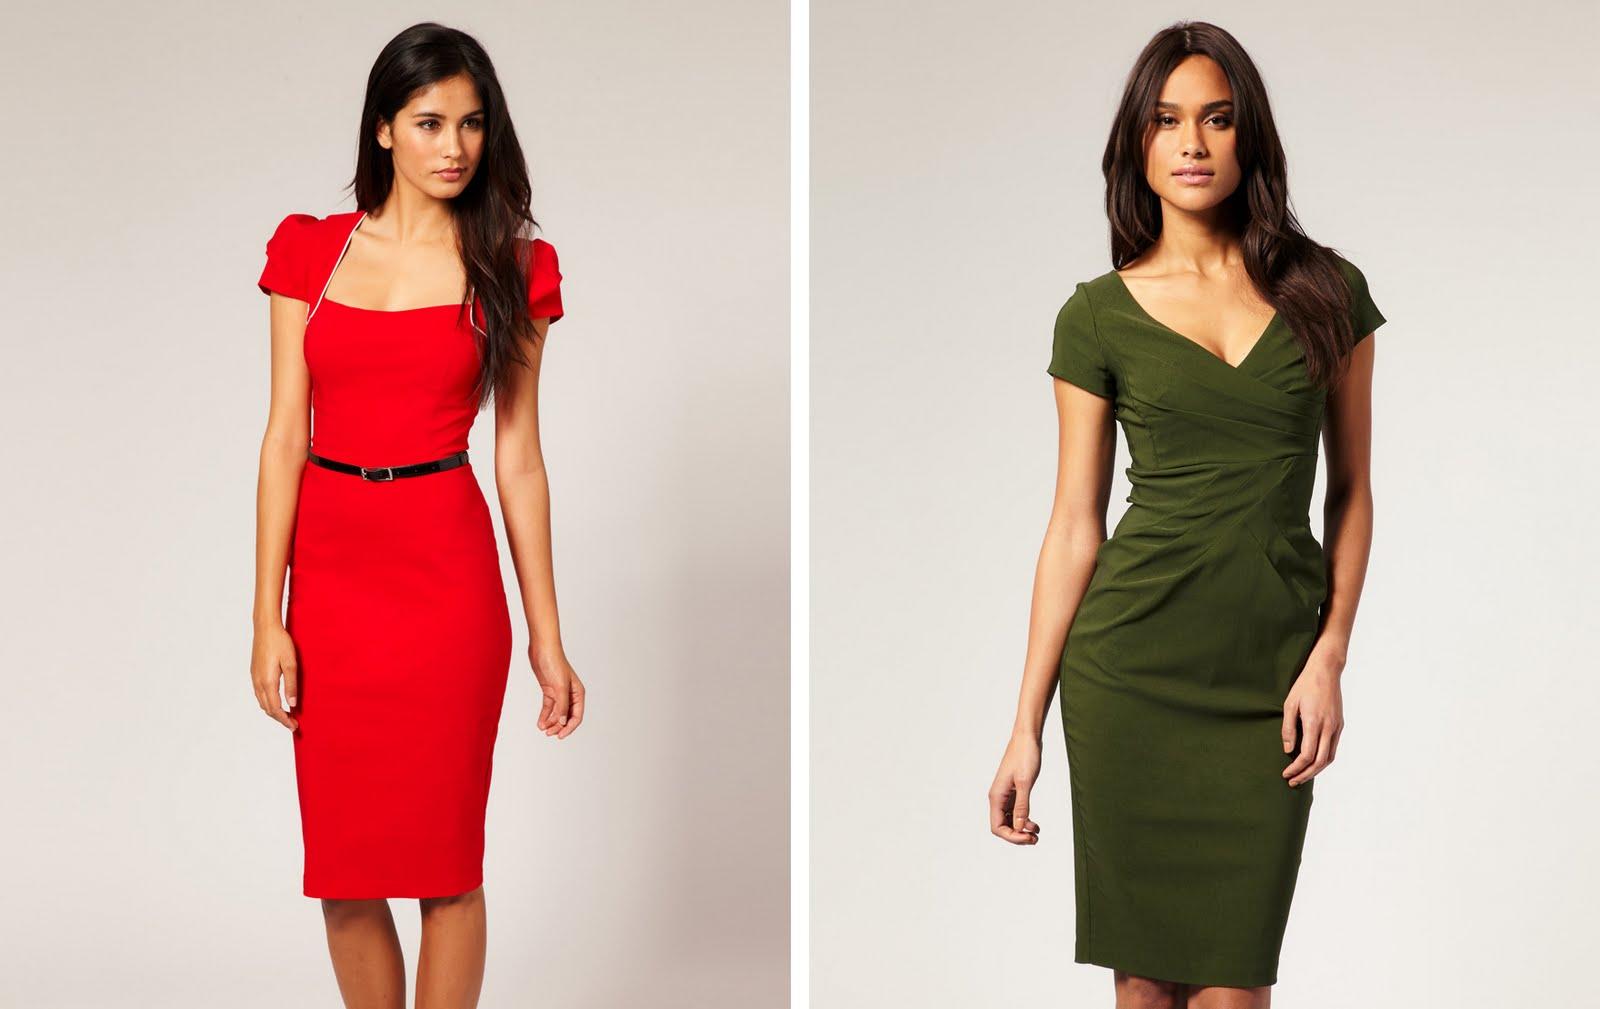 http://3.bp.blogspot.com/-wRQlPsP91ds/TbjrFrTIkII/AAAAAAAAAl4/YEublQgdznQ/s1600/asos+victoria+beckham+hybrid+dresses+03+copy.jpg